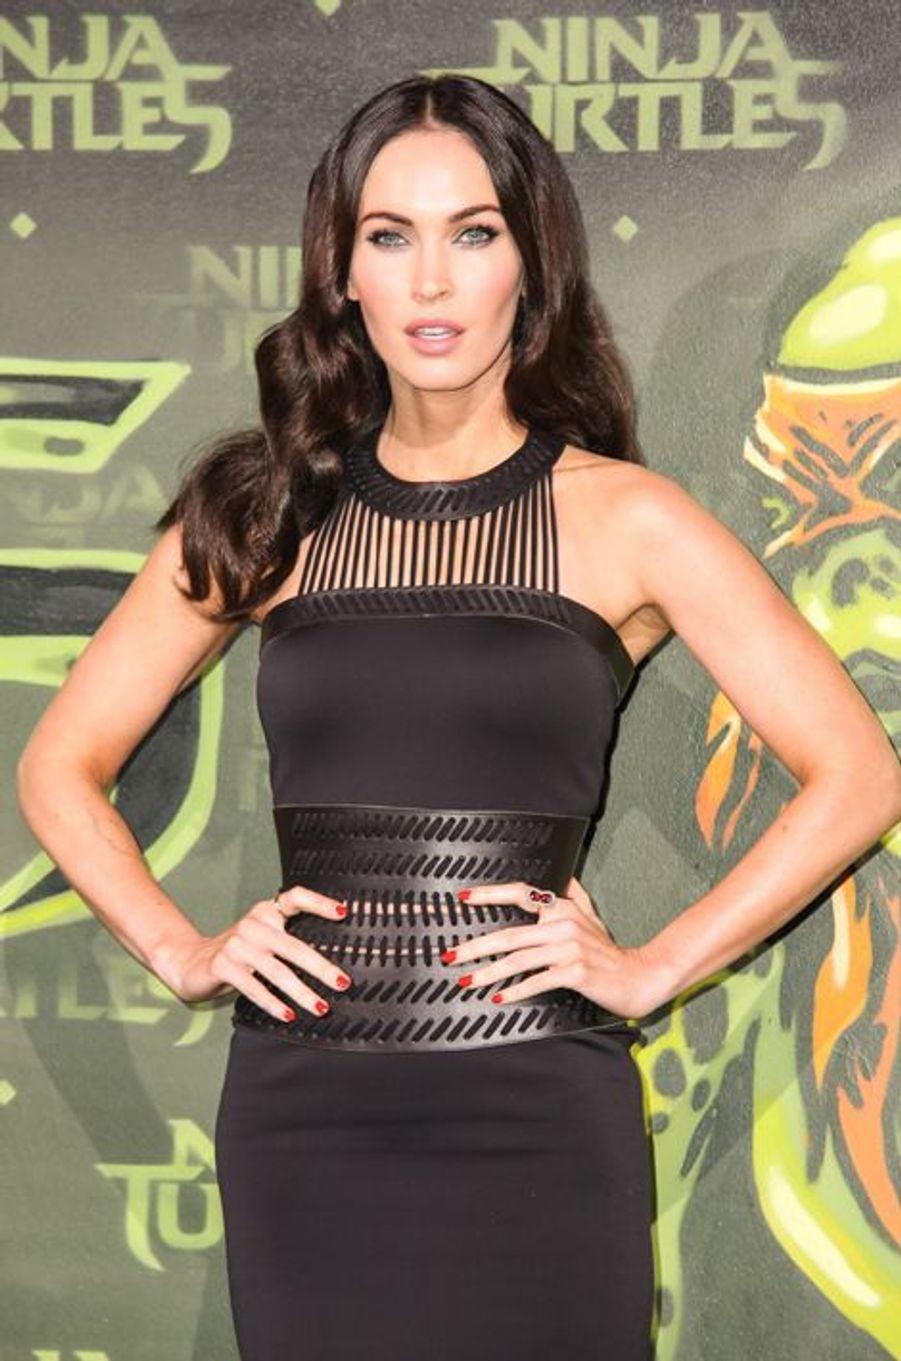 """Dans un entretien accordé au site anglais Fametastic en 2009, la bombe révélée dans la saga «Transformers» s'était confiée sur son expérience du harcèlement scolaire. «Les filles de mon école étaient mauvaises. J'avais 15 ans, et tout le monde savait que je voulais devenir actrice. Un jour, pour Halloween, une fille s'est ramenée dans un costume en latex. Tout le monde lui demandait en quoi elle était déguisée : """"En Megan Fox ! Je suis actrice, ne voyez-vous pas ?"""" Je ne lui ai rien dit, j'étais pétrifiée et très intimidée»."""